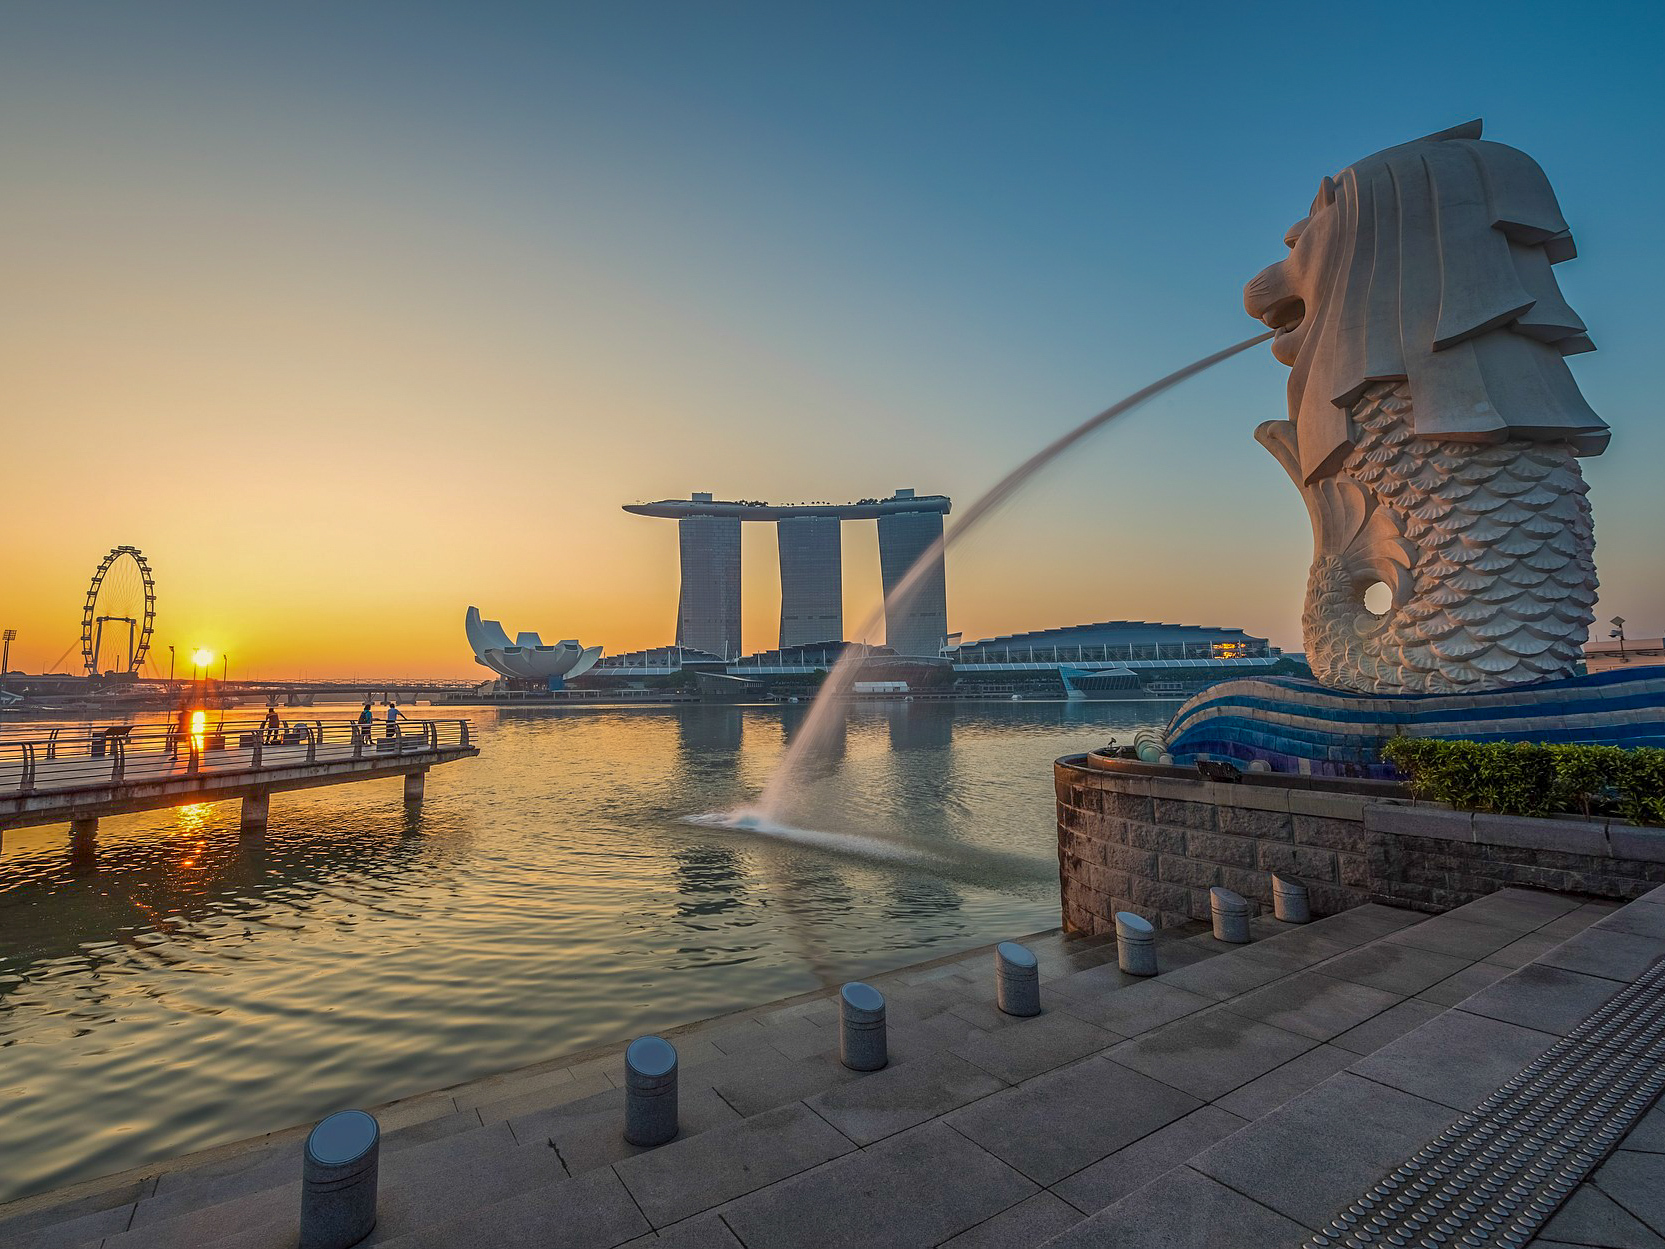 開拓東南亞電商戰局,亞馬遜與阿里巴巴的第一戰:新加坡